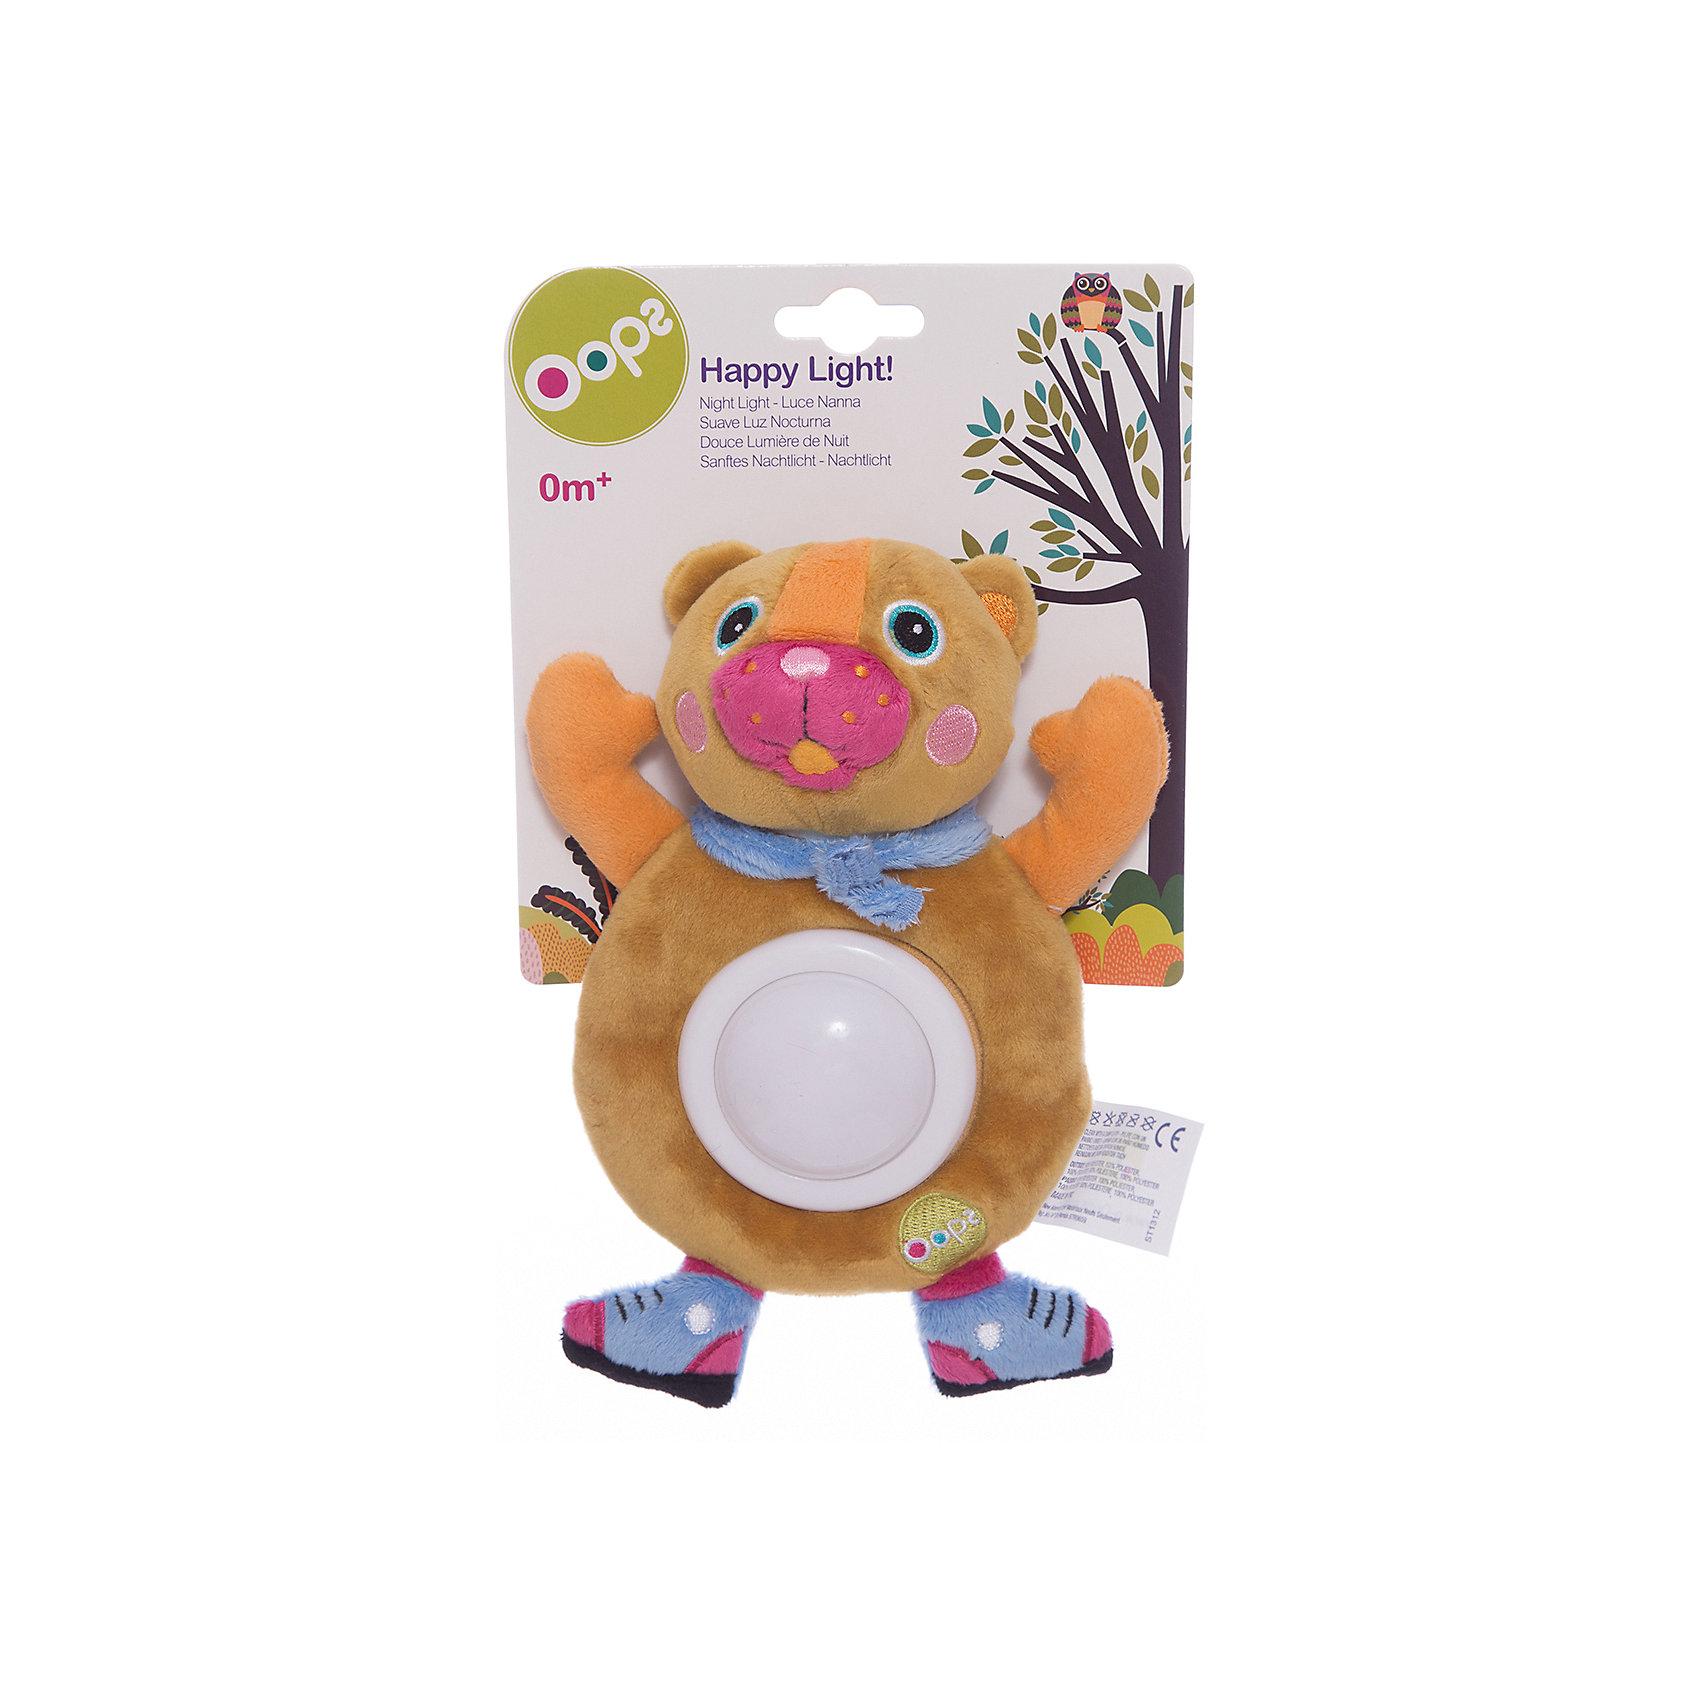 Игрушка-ночник Медвежонок, OopsЛампы, ночники, фонарики<br>Характеристики игрушки-ночника Медвежонок:<br><br>- тип ночника: детский<br>- год выпуска: 2015<br>- назначение: освещение детских комнат<br>- крепление: настольное<br>- количество ламп: 1 шт.<br>- материал плафона: пластик<br>- электропитание 2 ААА<br>- форм-фактор батареи: AAA (LR03)<br>- количество элементов питания: 2 шт.<br>- комплектация ночник: 3 батарейки АА<br>- размеры, ночника: - 20 * 16 * 4 см<br>- размер упаковки (дхшхв): 27 * 16 * 6 см<br>- вес в упаковке: 105 г<br>- производитель: Oops (Китай).<br>- необходимо докупить 2 батарейки напряжением 1,5V типа ААA (не входят в комплект).<br><br>Мягкая игрушка-ночник торговой марки Oops Медвежонок порадует Вашего малыша и поможет создать спокойную обстановку перед сном. <br>Игрушка-ночник выполнена из мягкого, приятного на ощупь текстильного материала, и имеет светильник из прочного пластика на животе, поэтому она не только разнообразит игры малыша днем, но и поможет крохе быстро заснуть ночью. Нажмите на животик игрушки - и светильник начнет светиться мягким светом. Ночник может менять цвета: от зеленого до красного, синего и желтого. Игрушка изготовлена из экологически чистых материалов, поэтому абсолютно безопасна для Вашего малыша. С таким ночником ребенку никогда не будет скучно. Яркие цвета и элементы будут способствовать развитию цветового и слухового восприятия, тактильных ощущений, моторики и мыслительной деятельности. С мягкой игрушкой-ночником торговой марки Oops Медвежонок Вашему ребенку никогда не будет скучно.<br>Красочный и практичный ночник-игрушка подойдет для малышей с рождения, и станет прекрасным подарком для родителей, ведь он поможет ему справиться с боязнью темноты, успокоит малыша, и сделает его сон крепким и здоровым.<br><br>Мягкую игрушку-ночник торговой марки Oops Медвежонок торговой    марки  Oops можно купить в нашем интернет-магазине.<br><br>Ширина мм: 160<br>Глубина мм: 60<br>Высота мм: 270<br>Вес г: 225<br>Возраст от мес